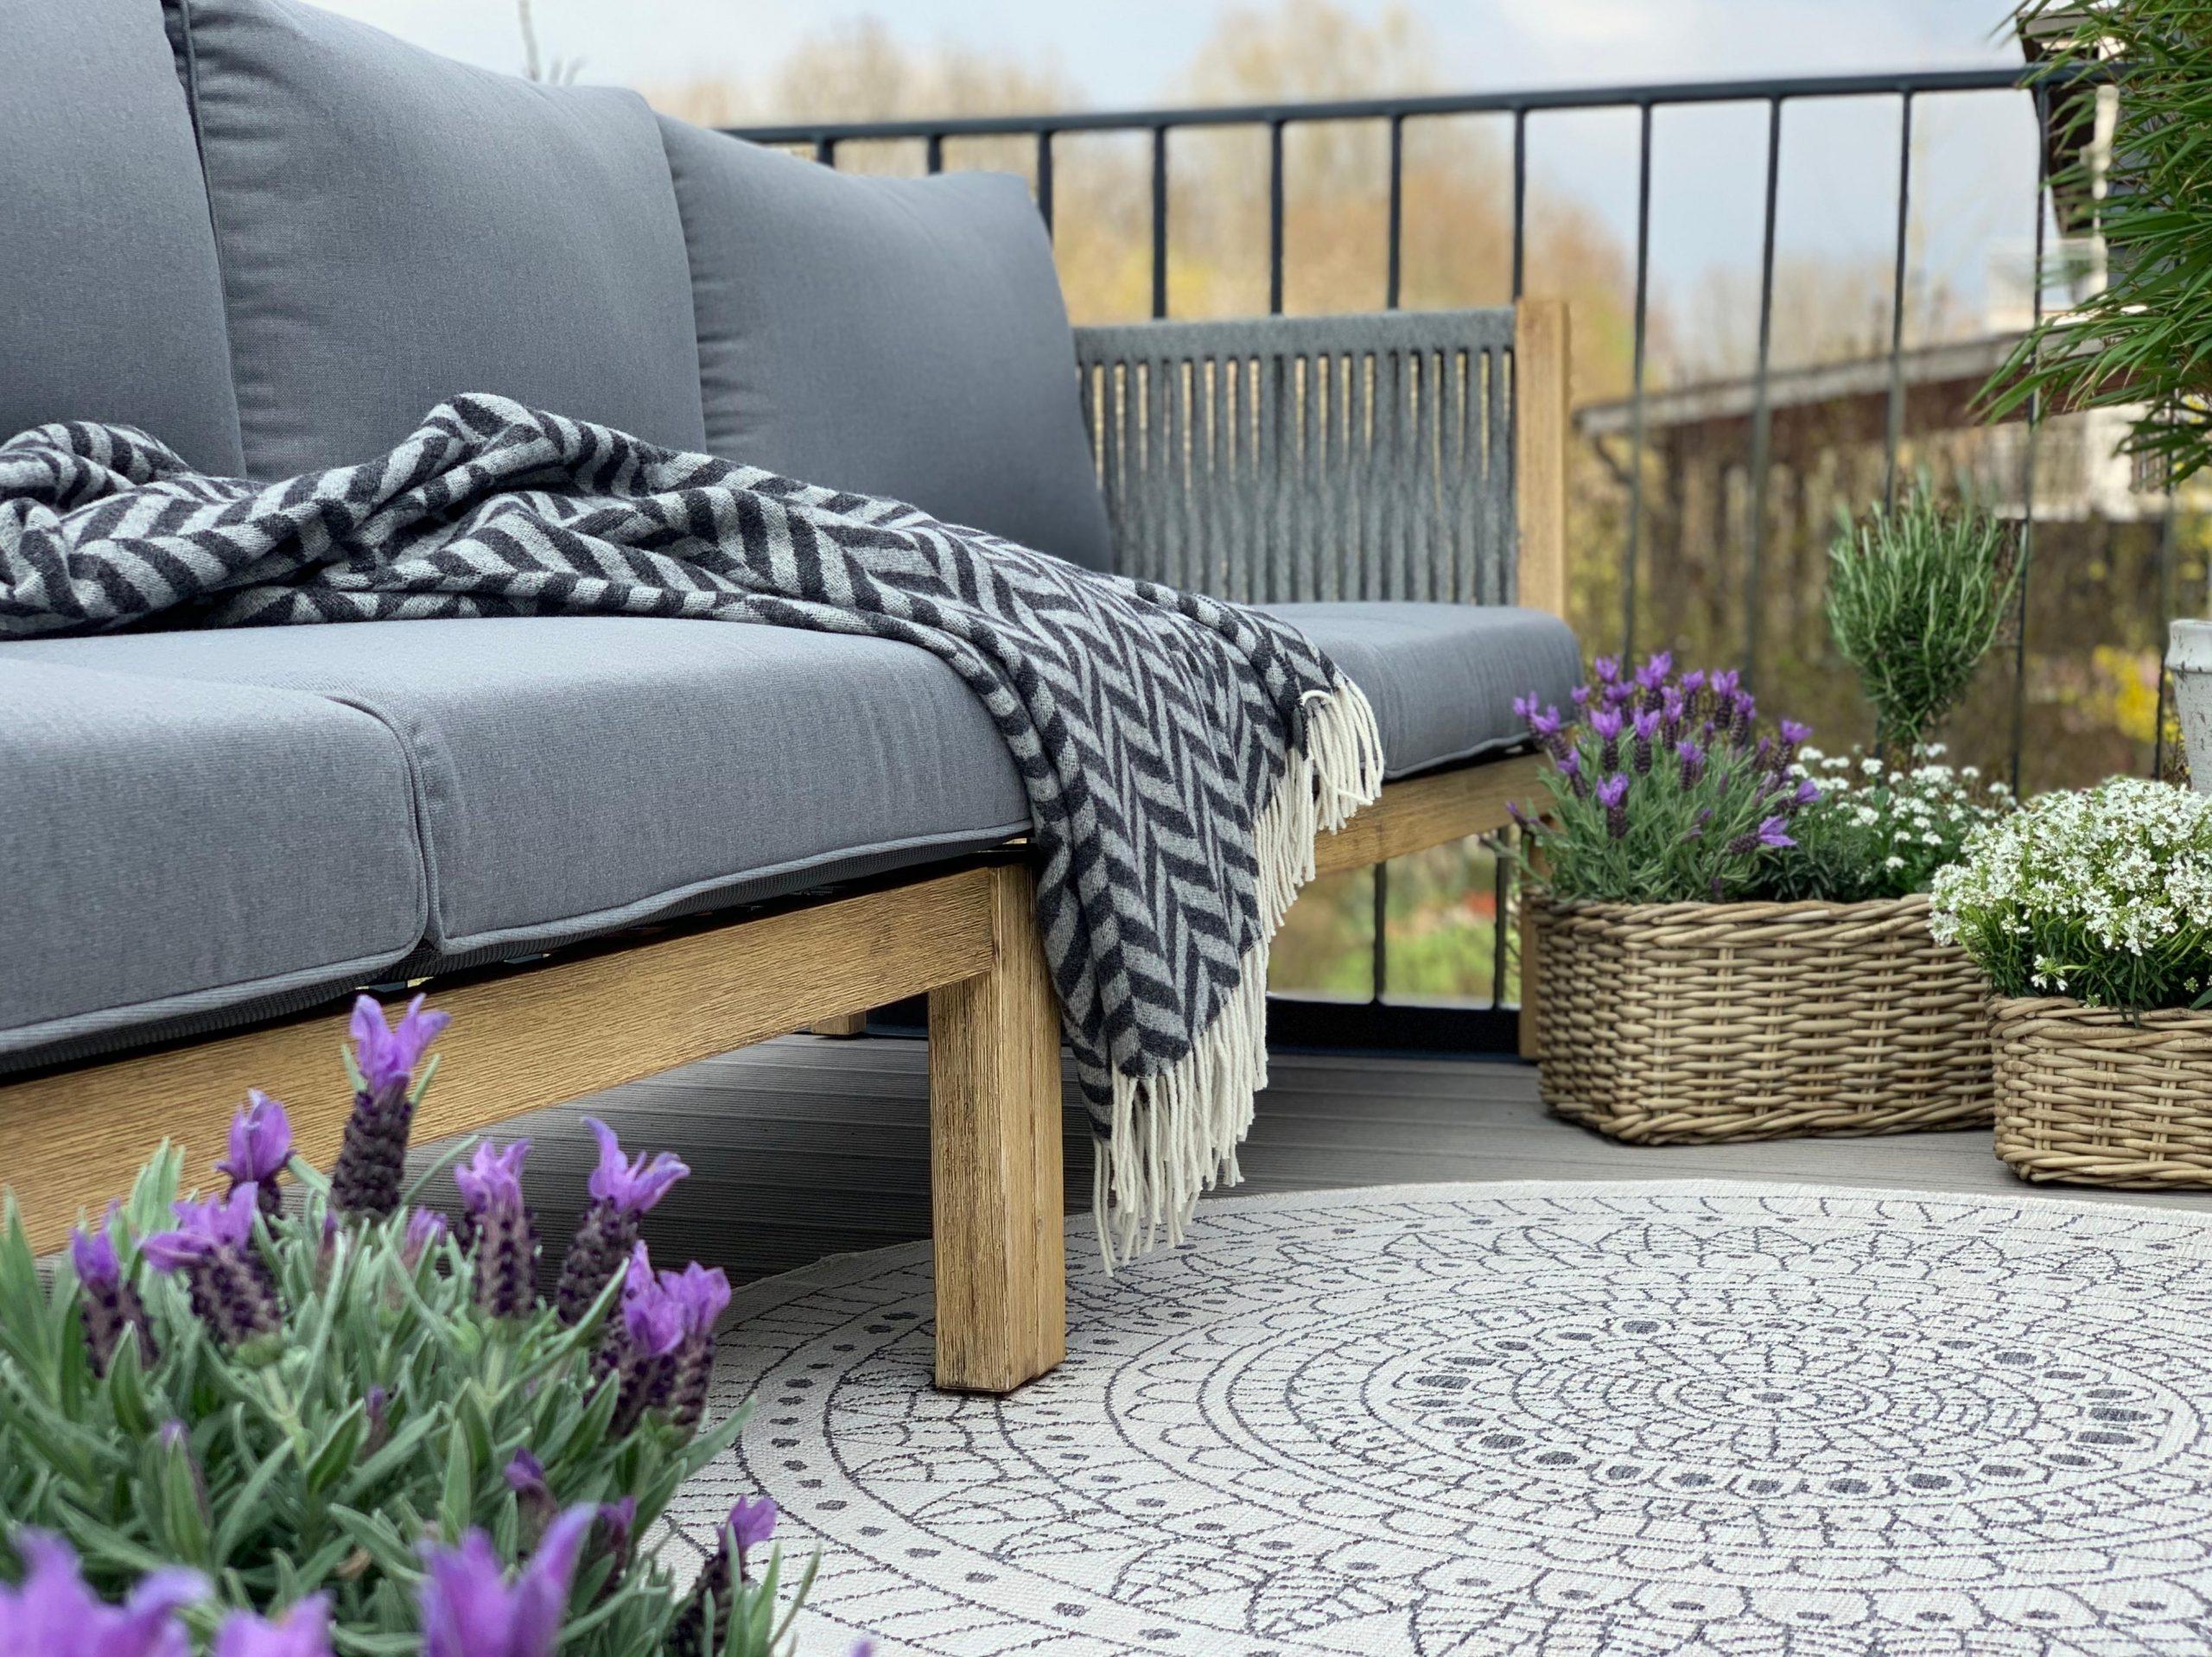 Full Size of Loungemöbel Balkon Lounge Mbel Fr Dein Zuhause Bilder Ideen Couch Garten Günstig Holz Wohnzimmer Loungemöbel Balkon